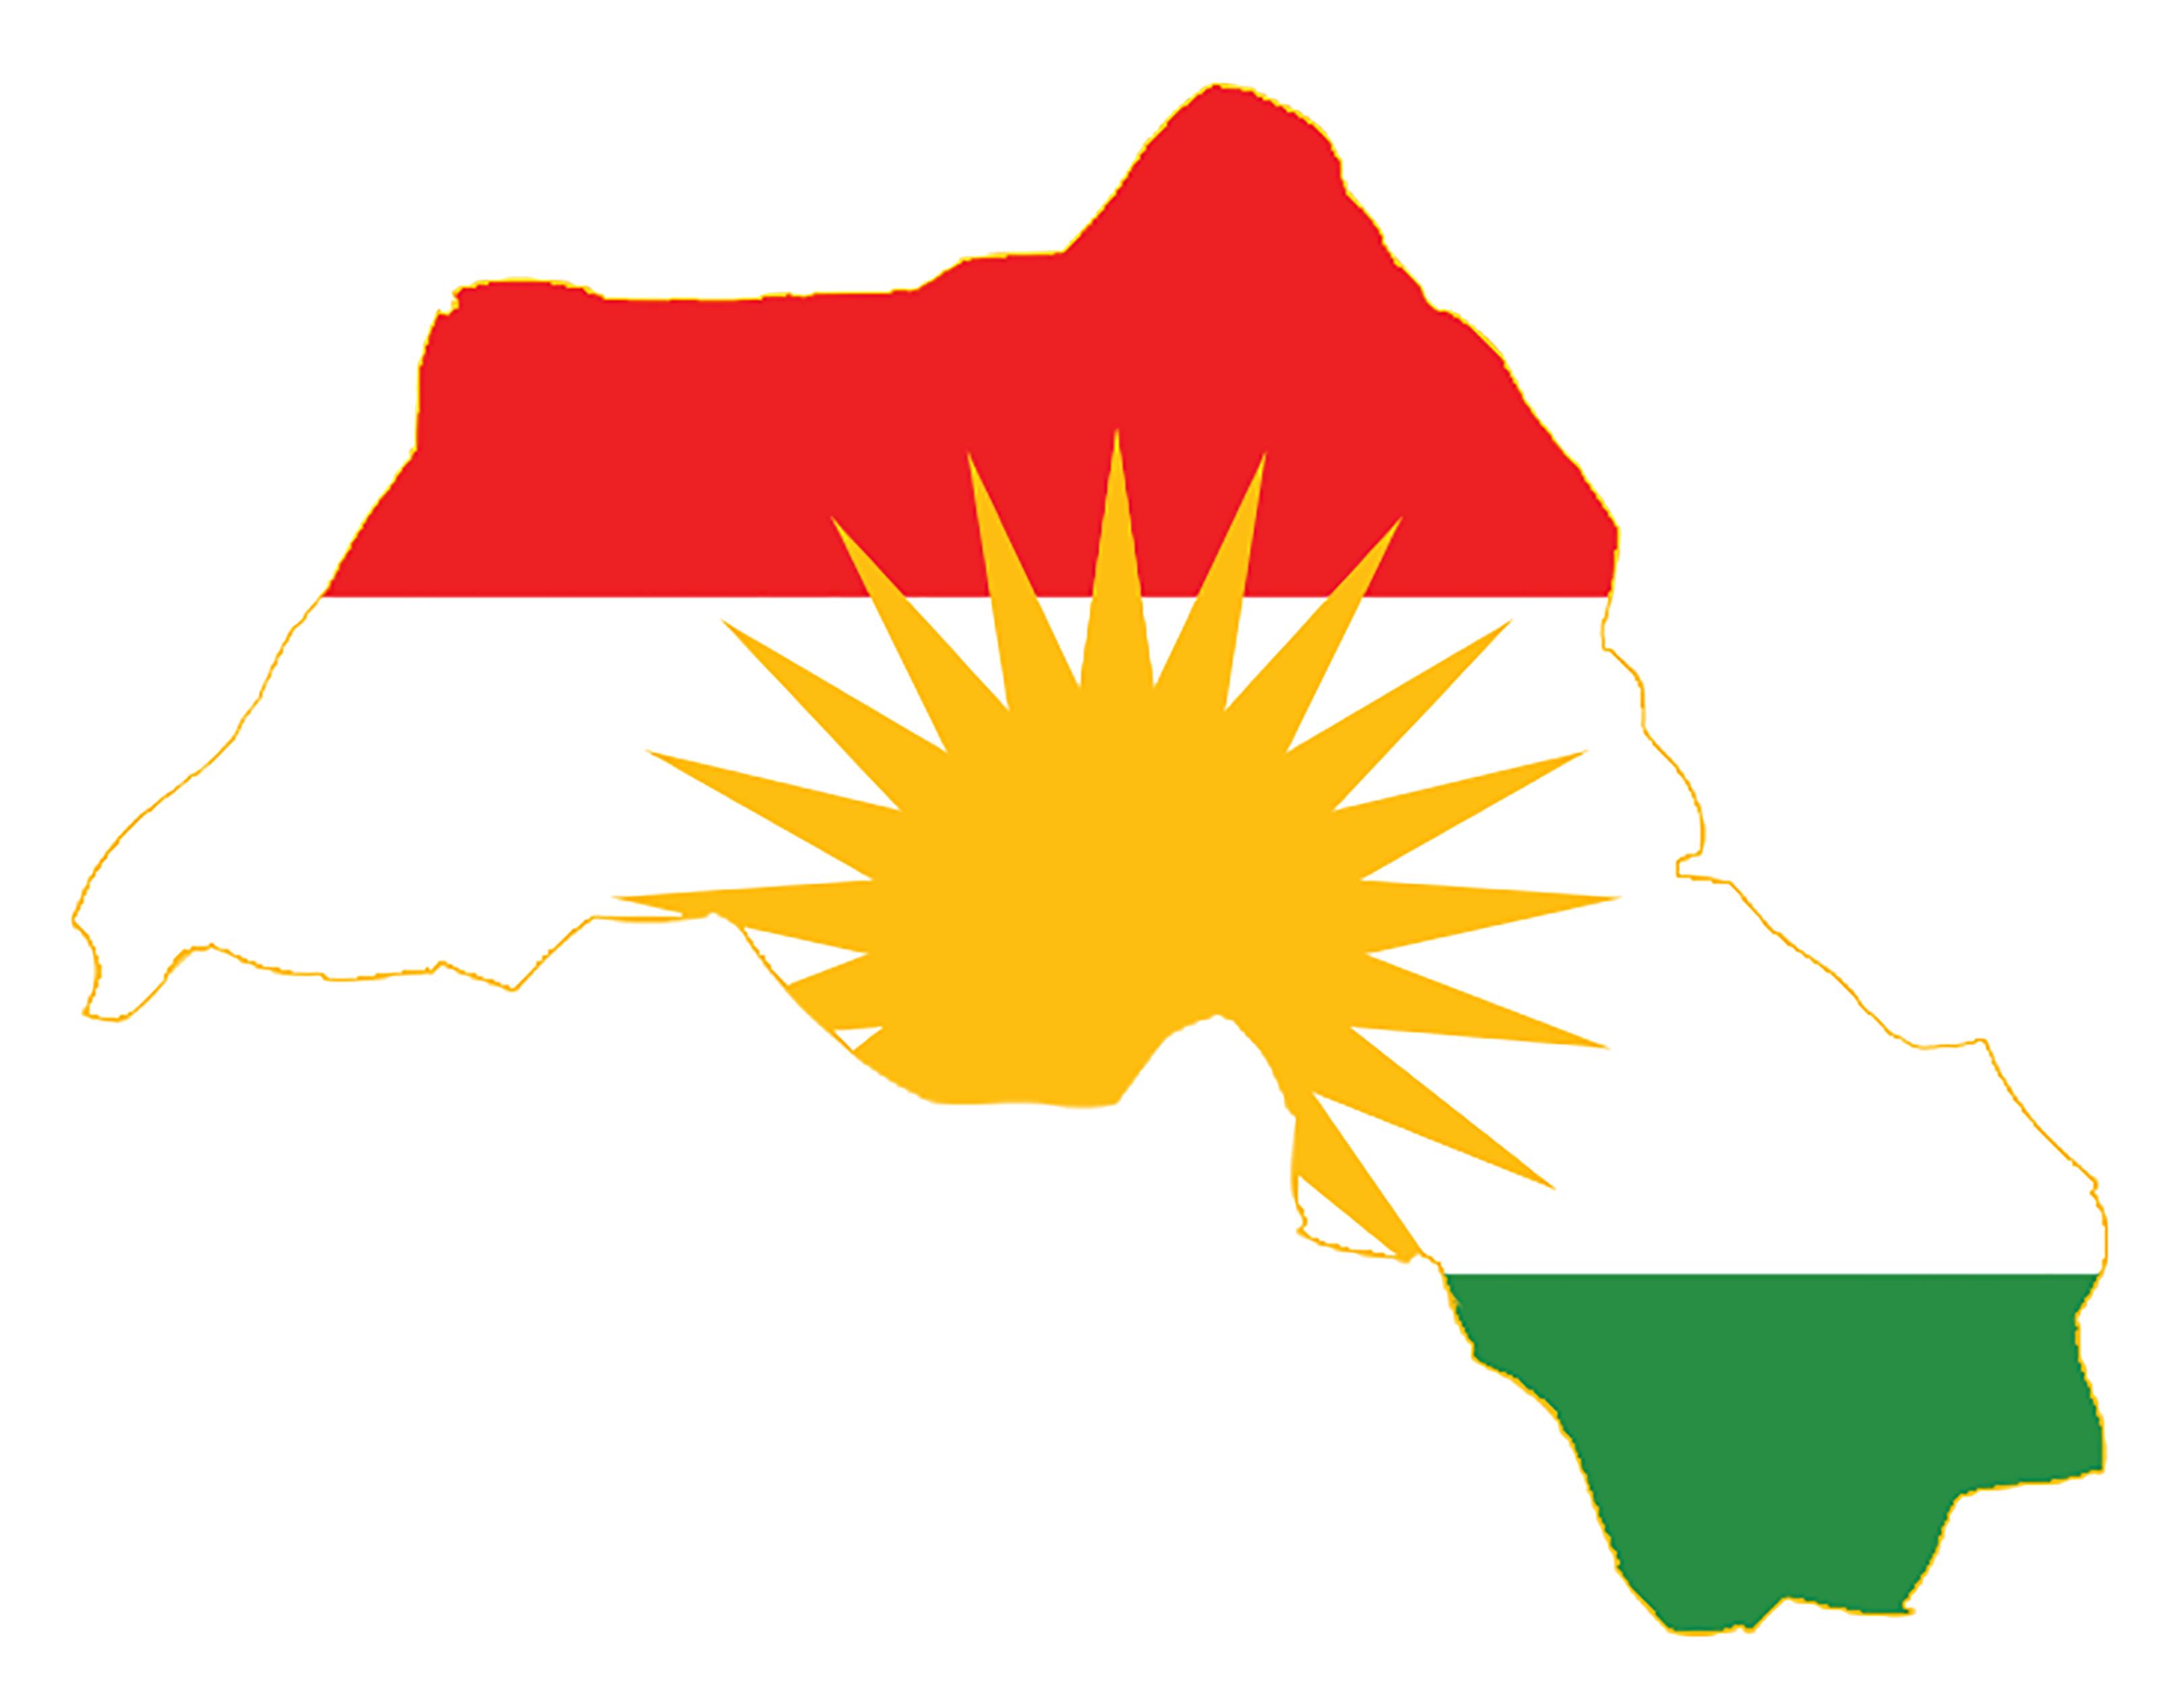 kurdish hd